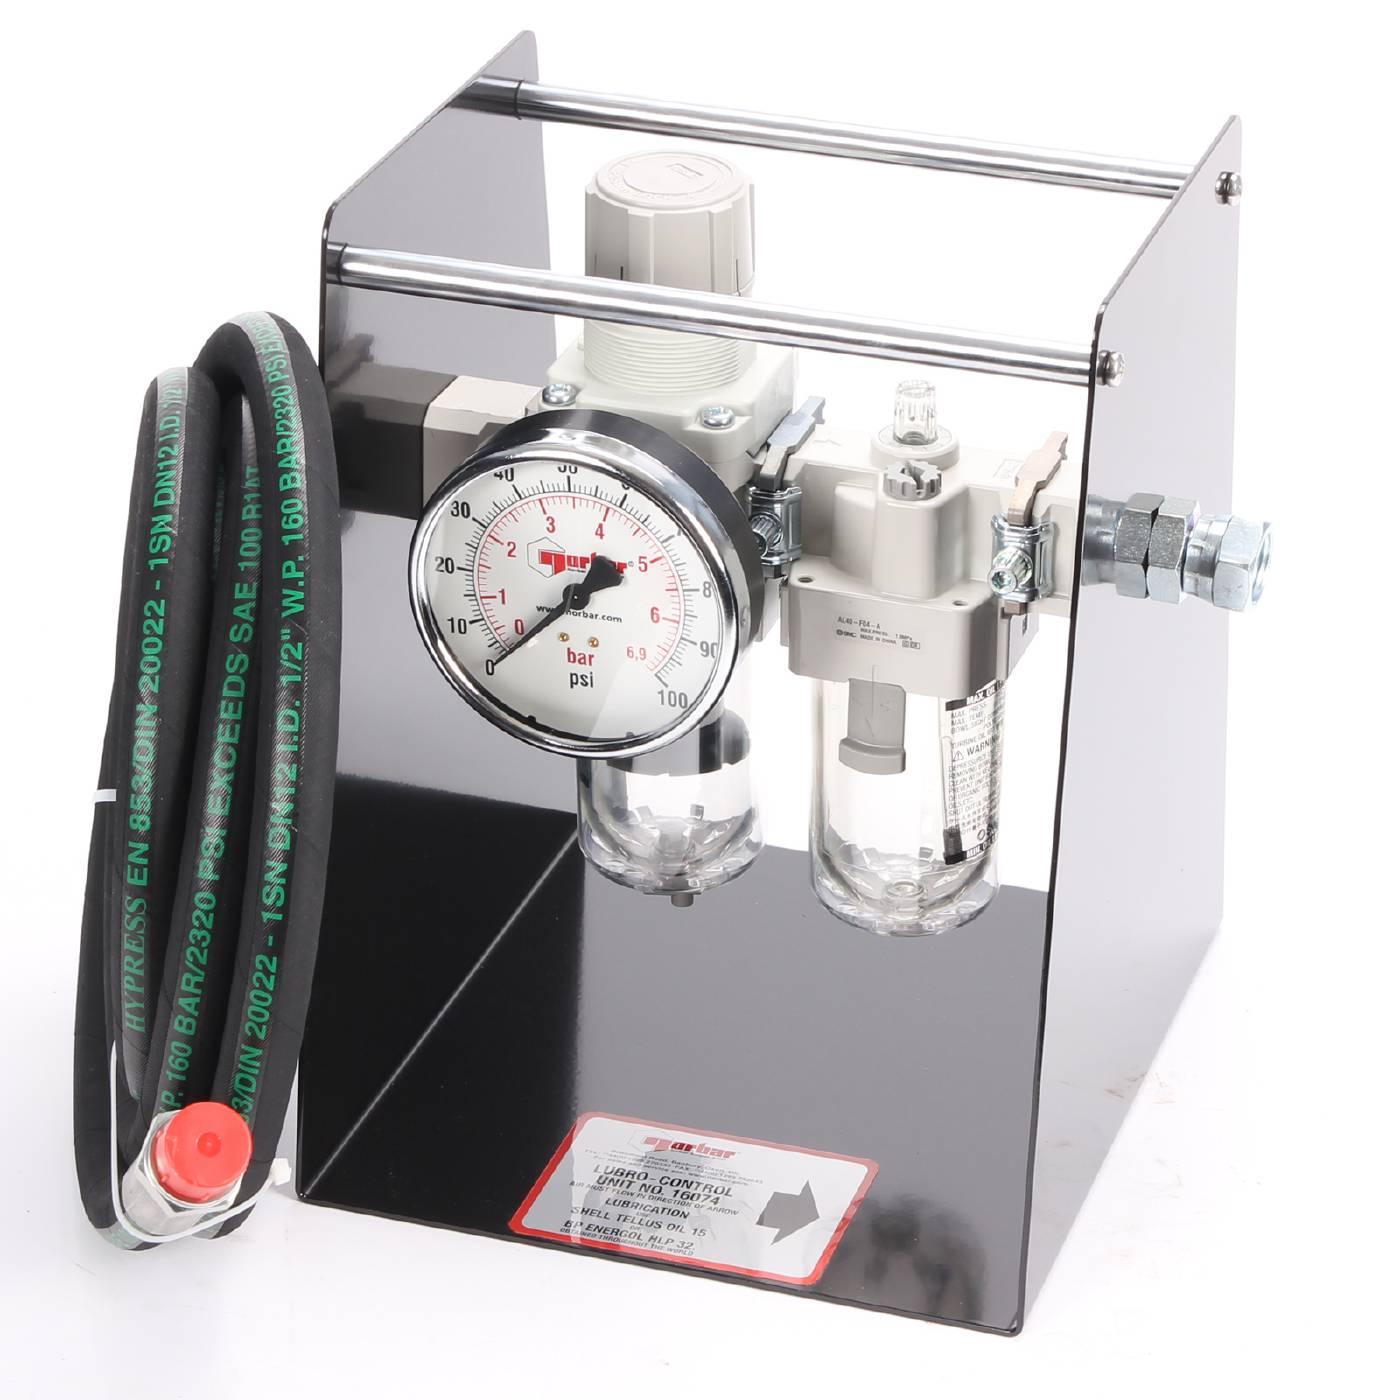 Filterregulator Lubro För Pneumatiska Momentdragare